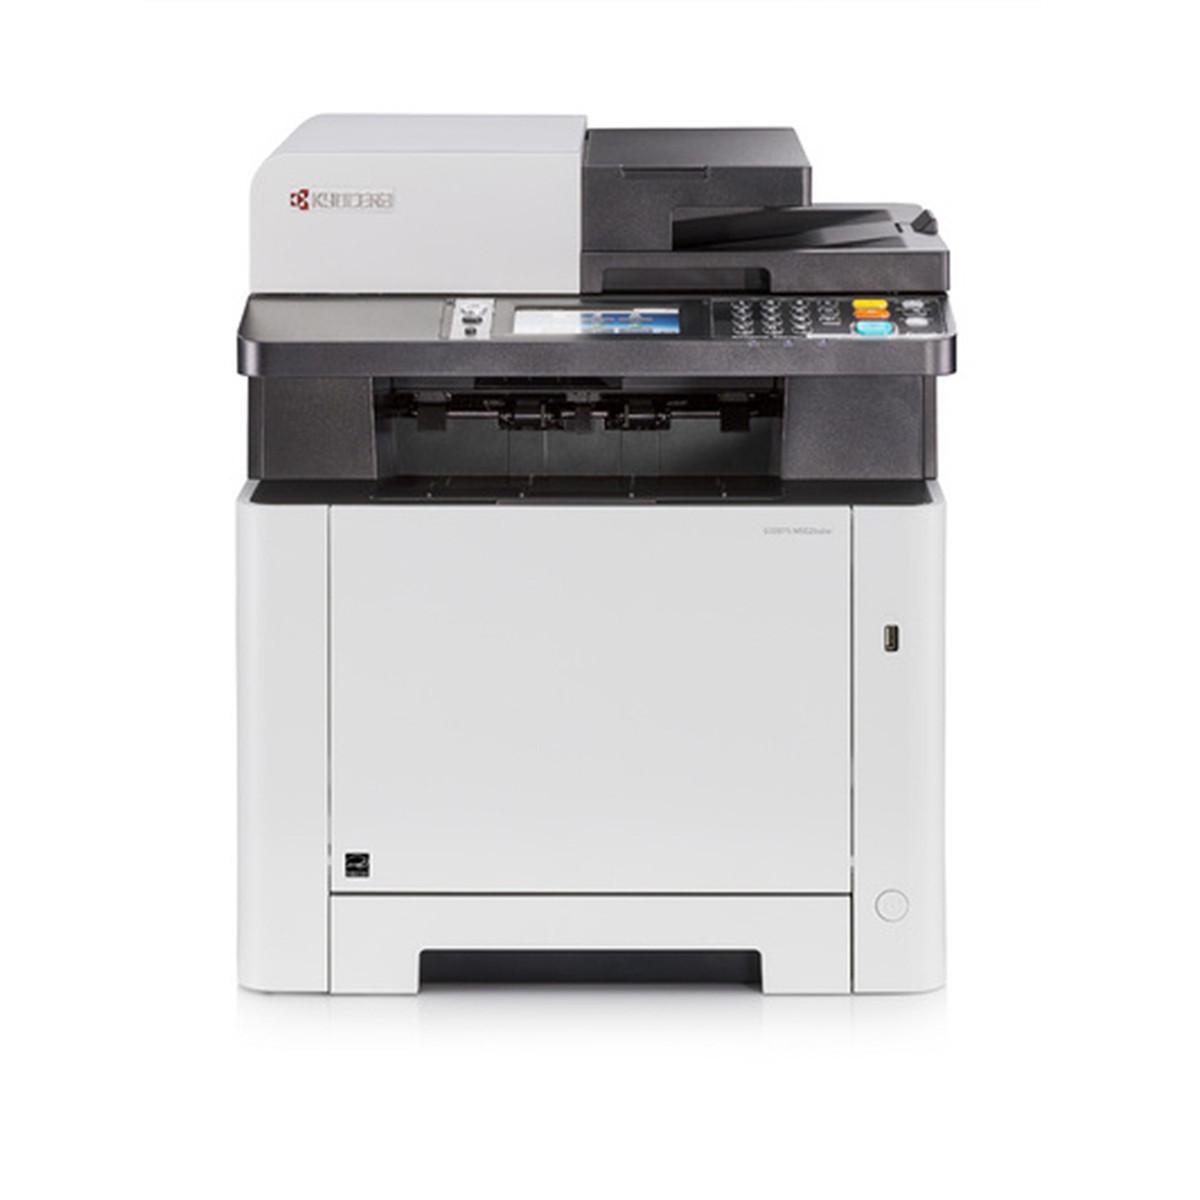 Impressora Kyocera Ecosys M5526CDW | Multifuncional Laser Colorida com Duplex e Rede